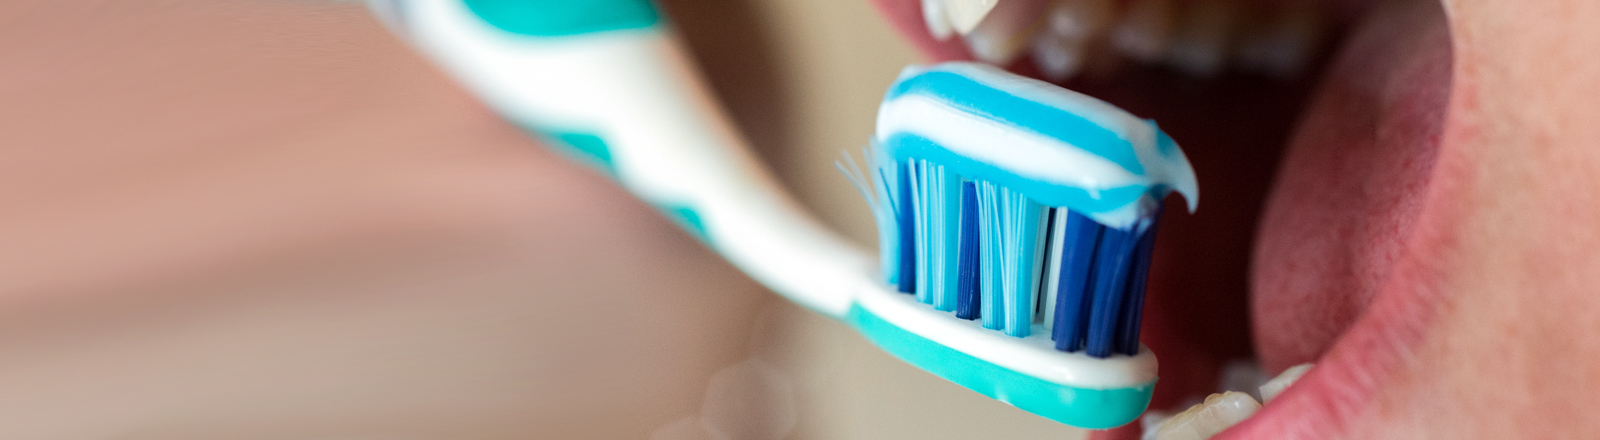 Zahnbürste mit Zahnpasta setzt zum Putzen an